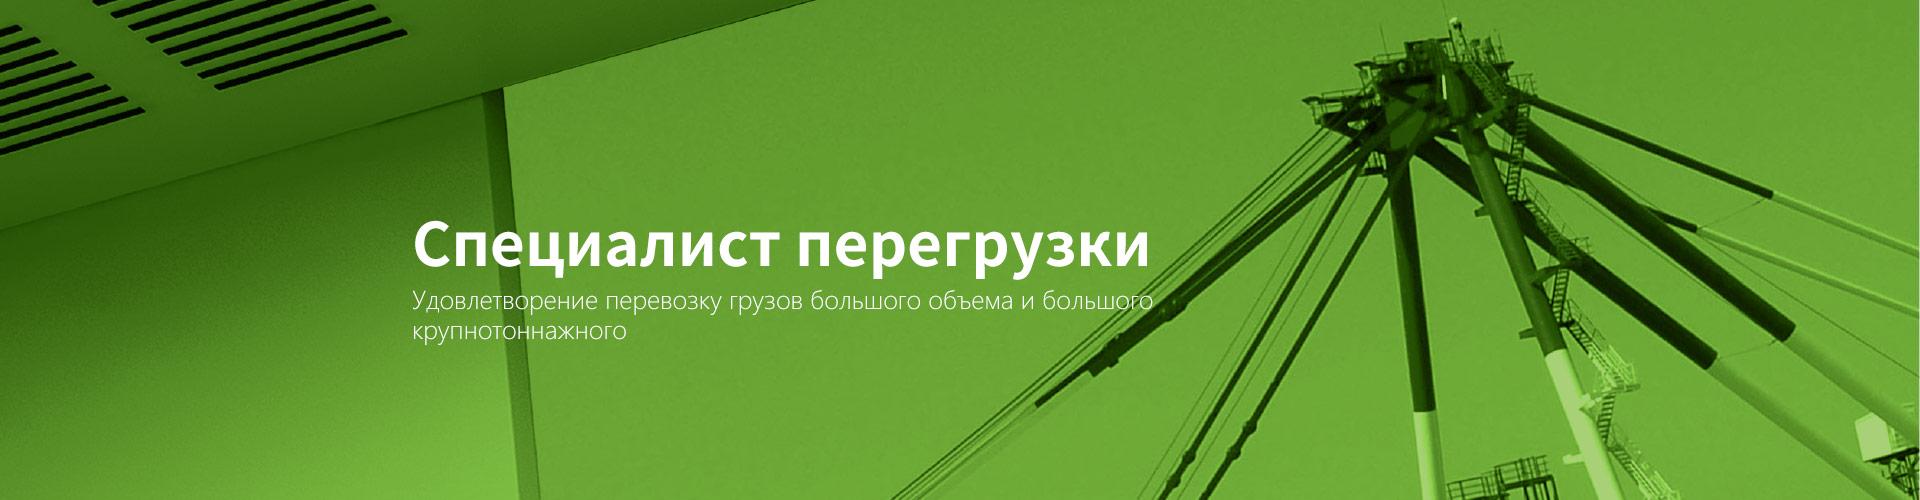 zhdt-ru_10